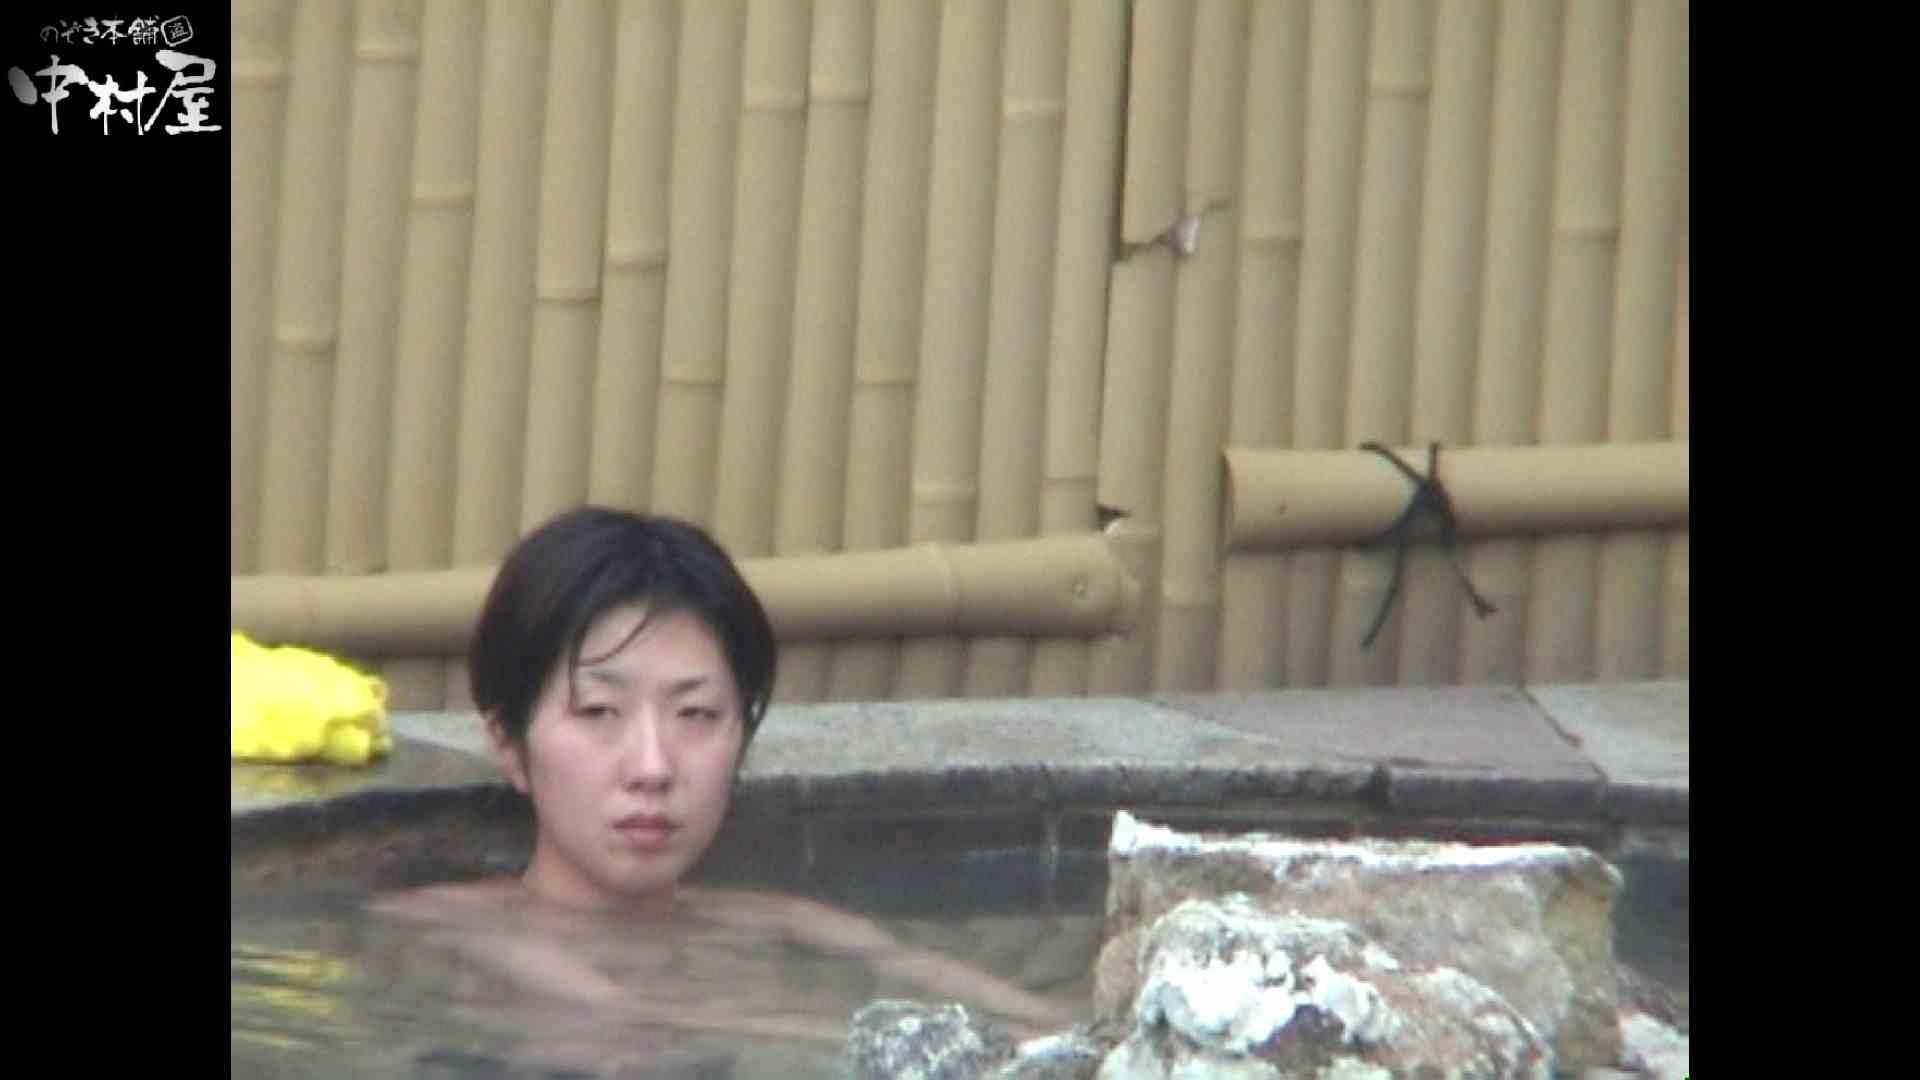 Aquaな露天風呂Vol.921 露天風呂  11枚 8